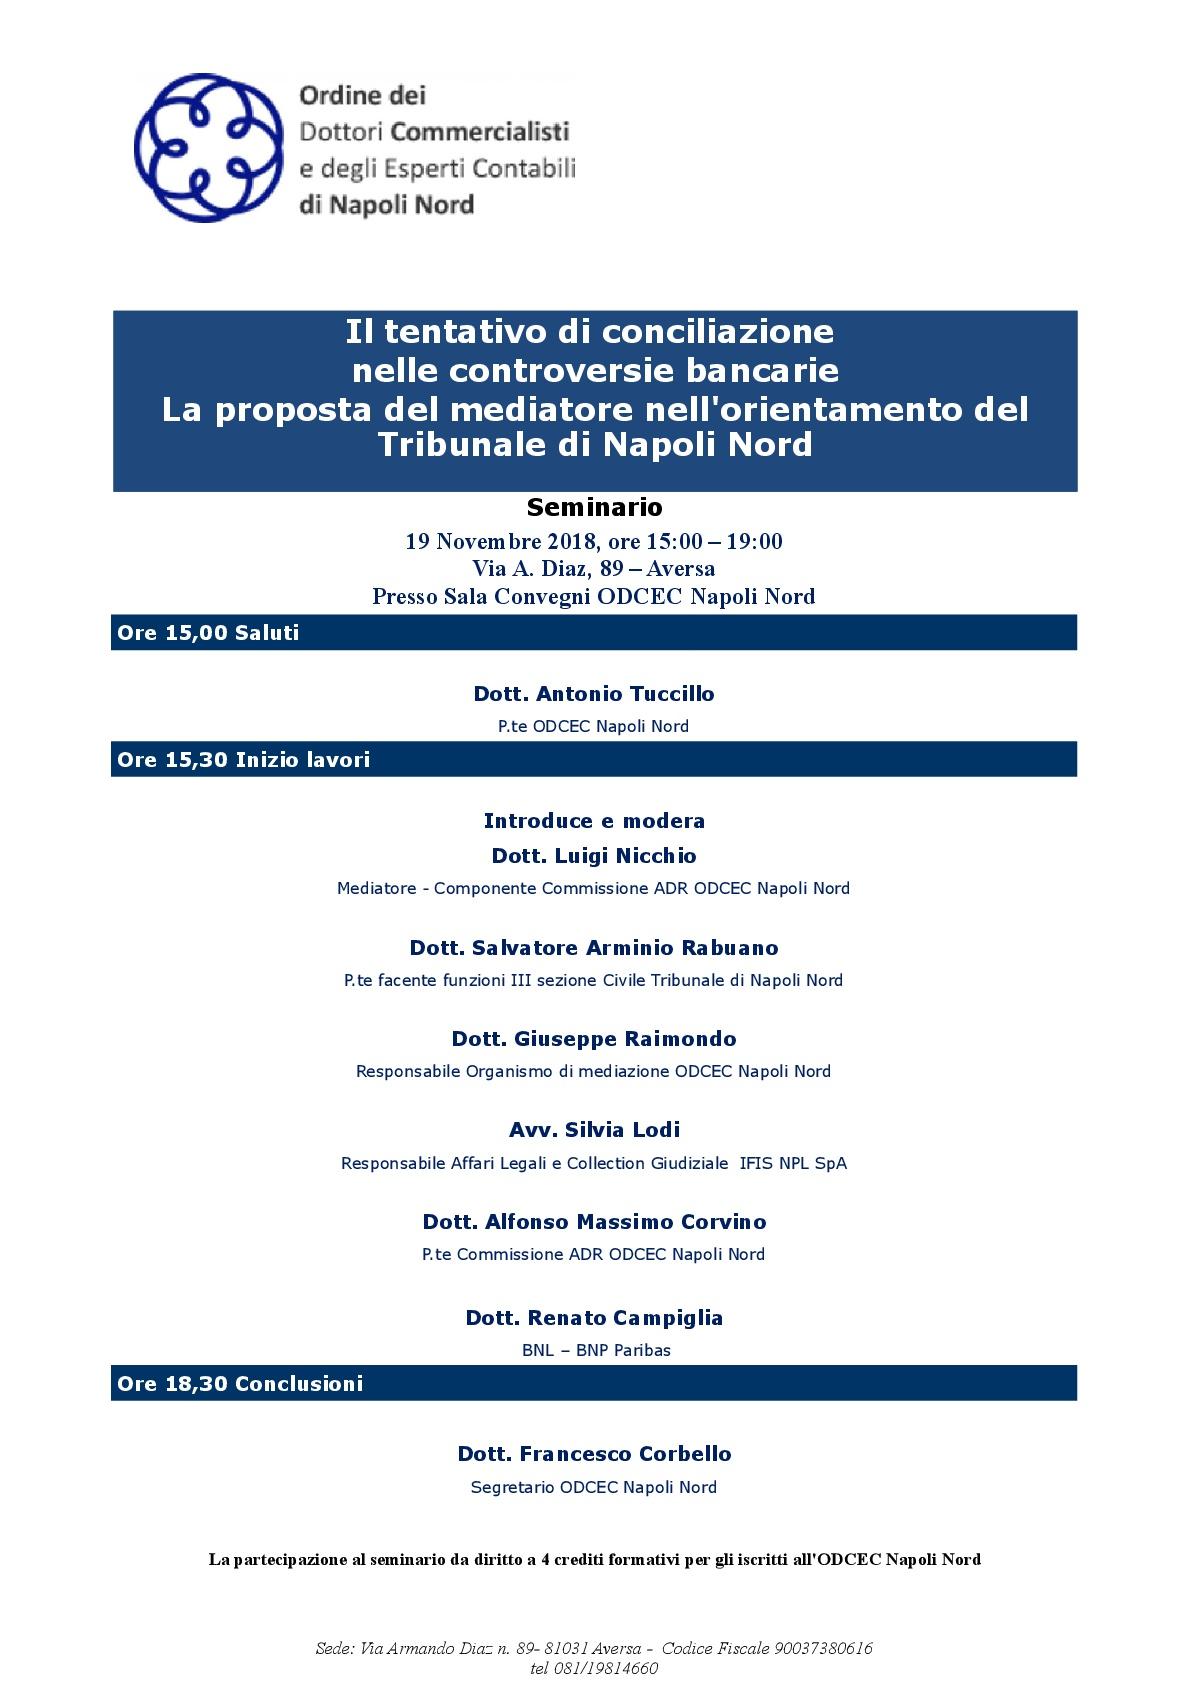 Il tentativo di conciliazione nelle controversie bancarie: la proposta del mediatore nell'orientamento del Tribunale di Napoli Nord